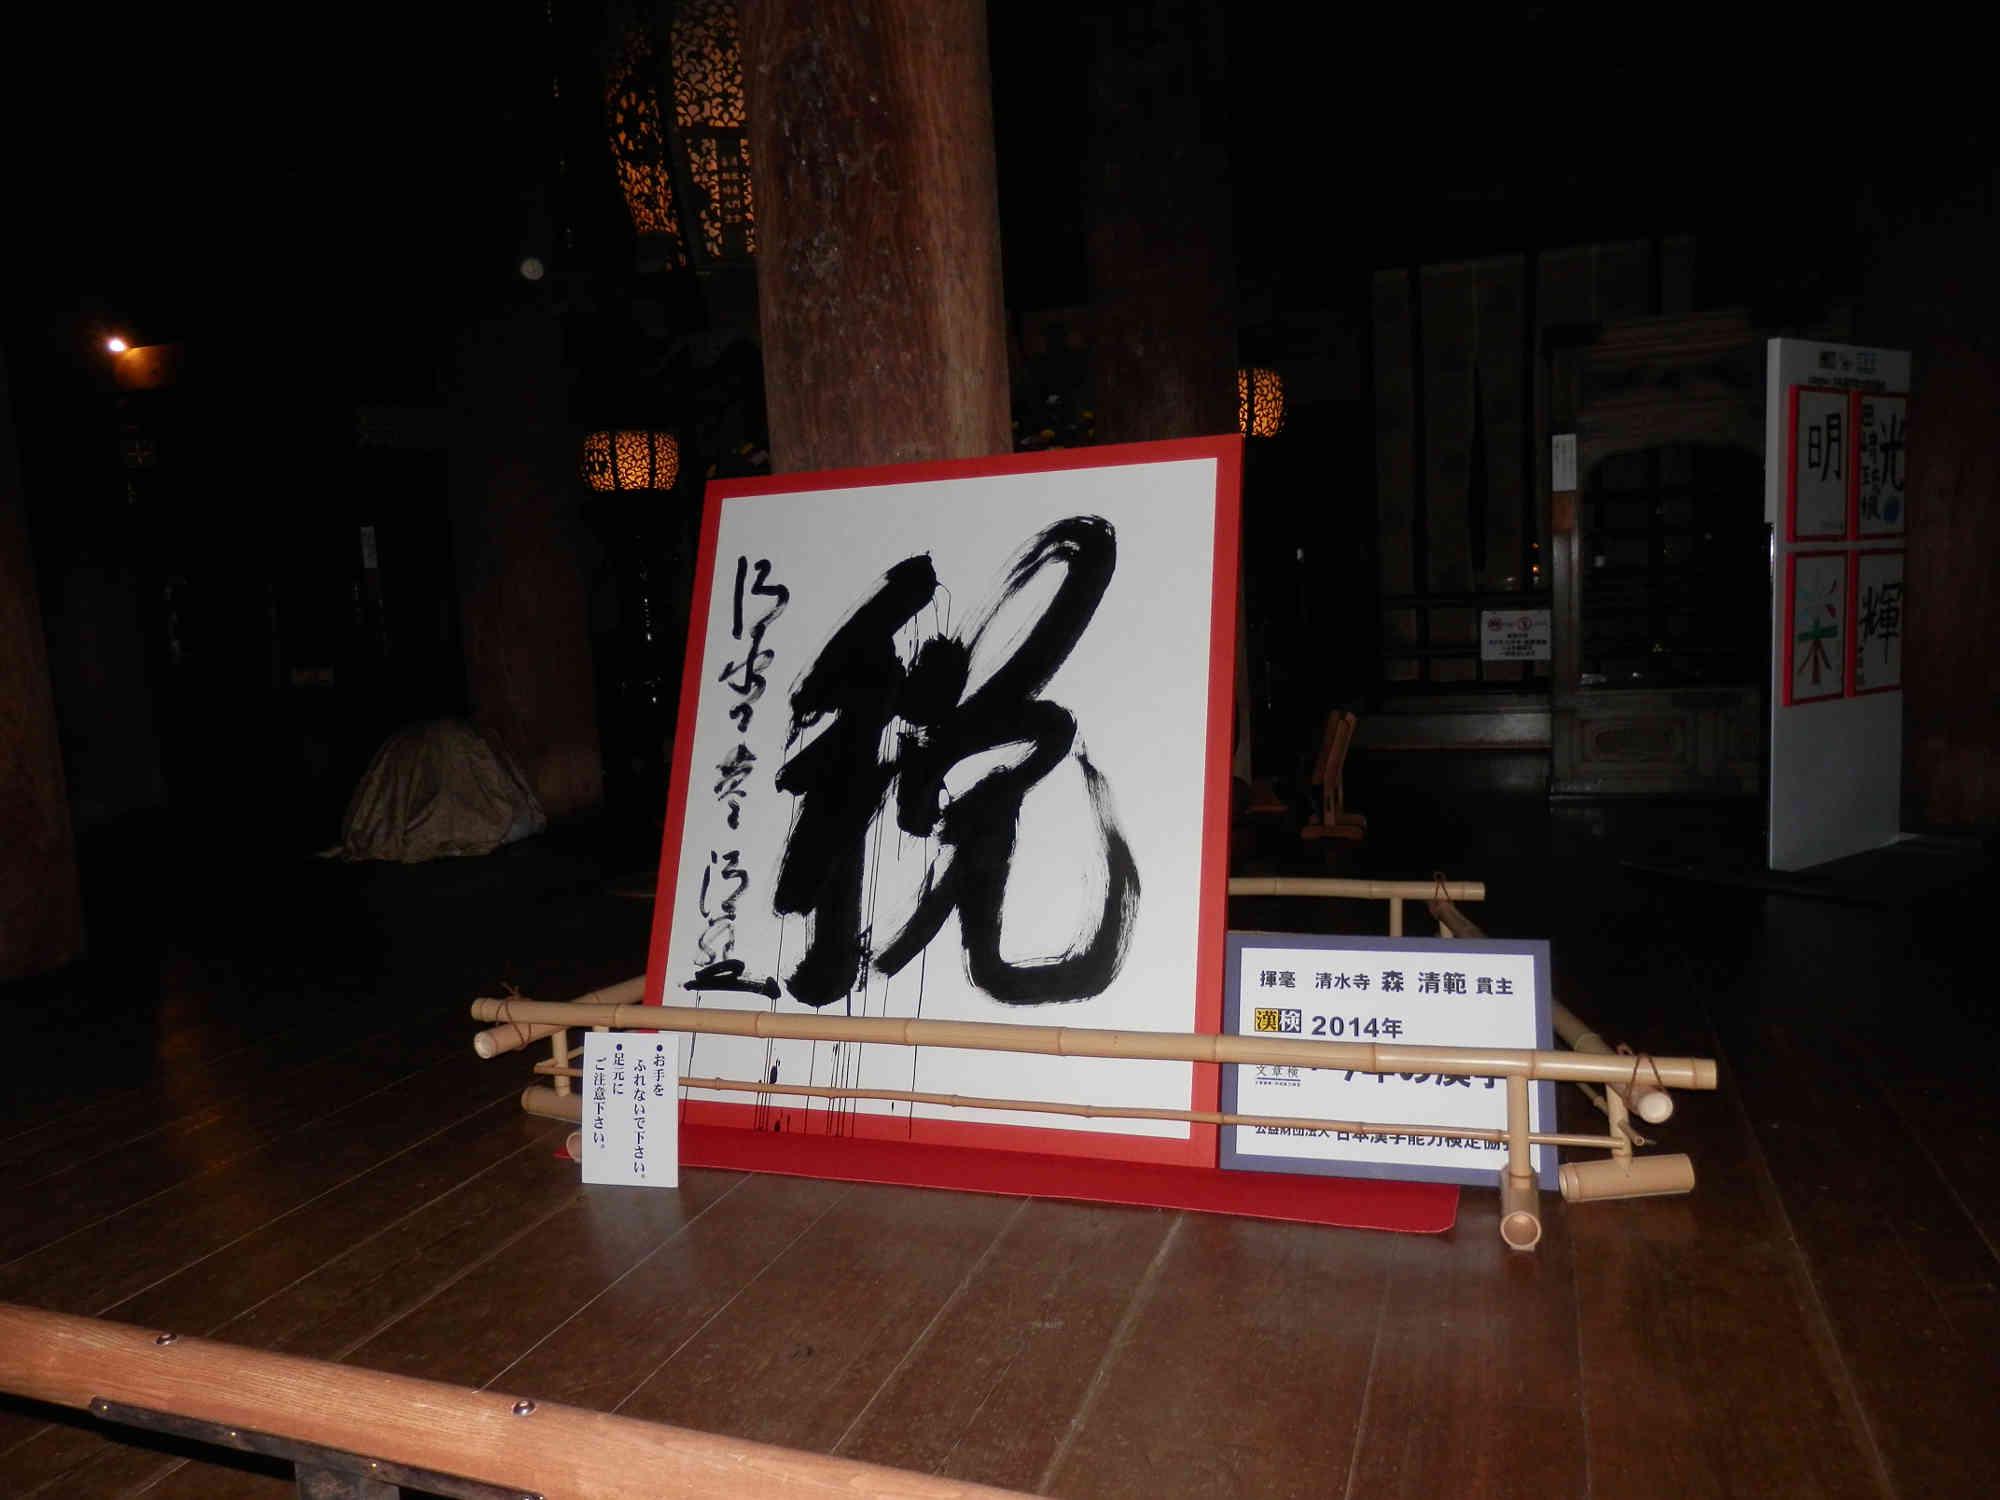 清水寺:2014年 今年の漢字「税」